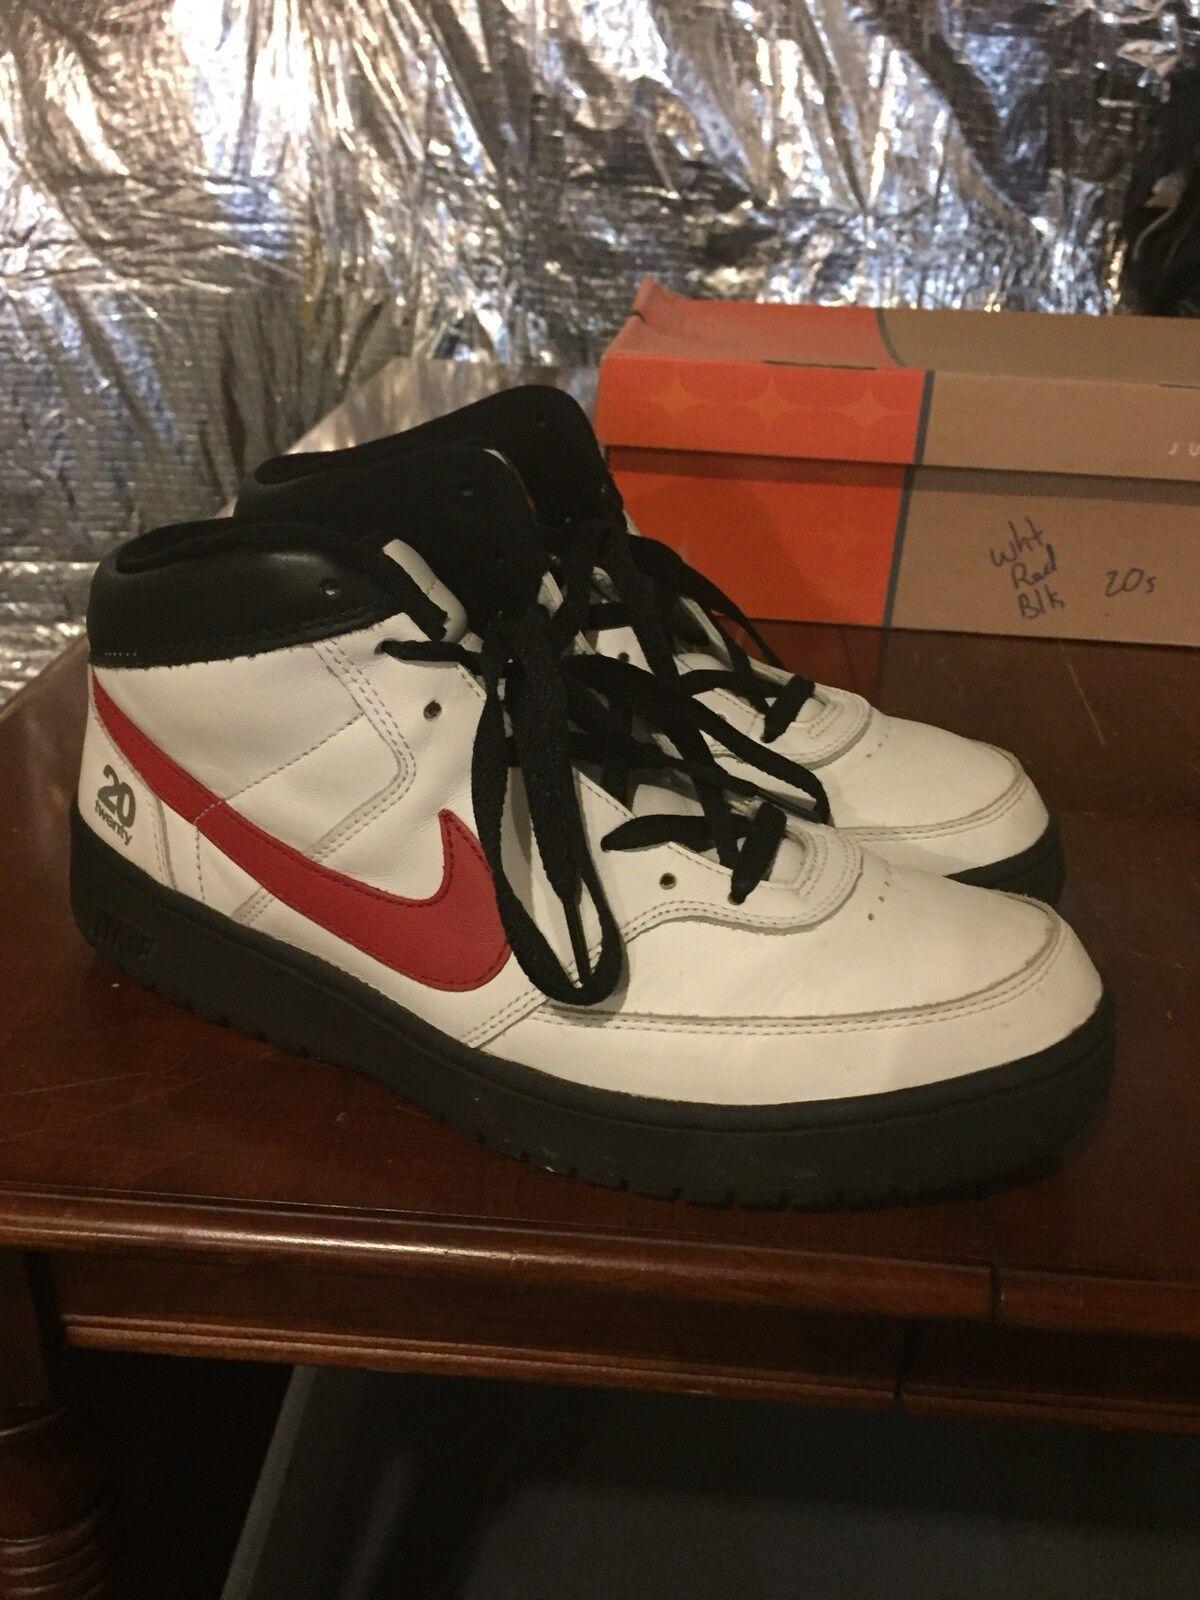 Nike Fleet Center 20s White Black Red Size 9.5